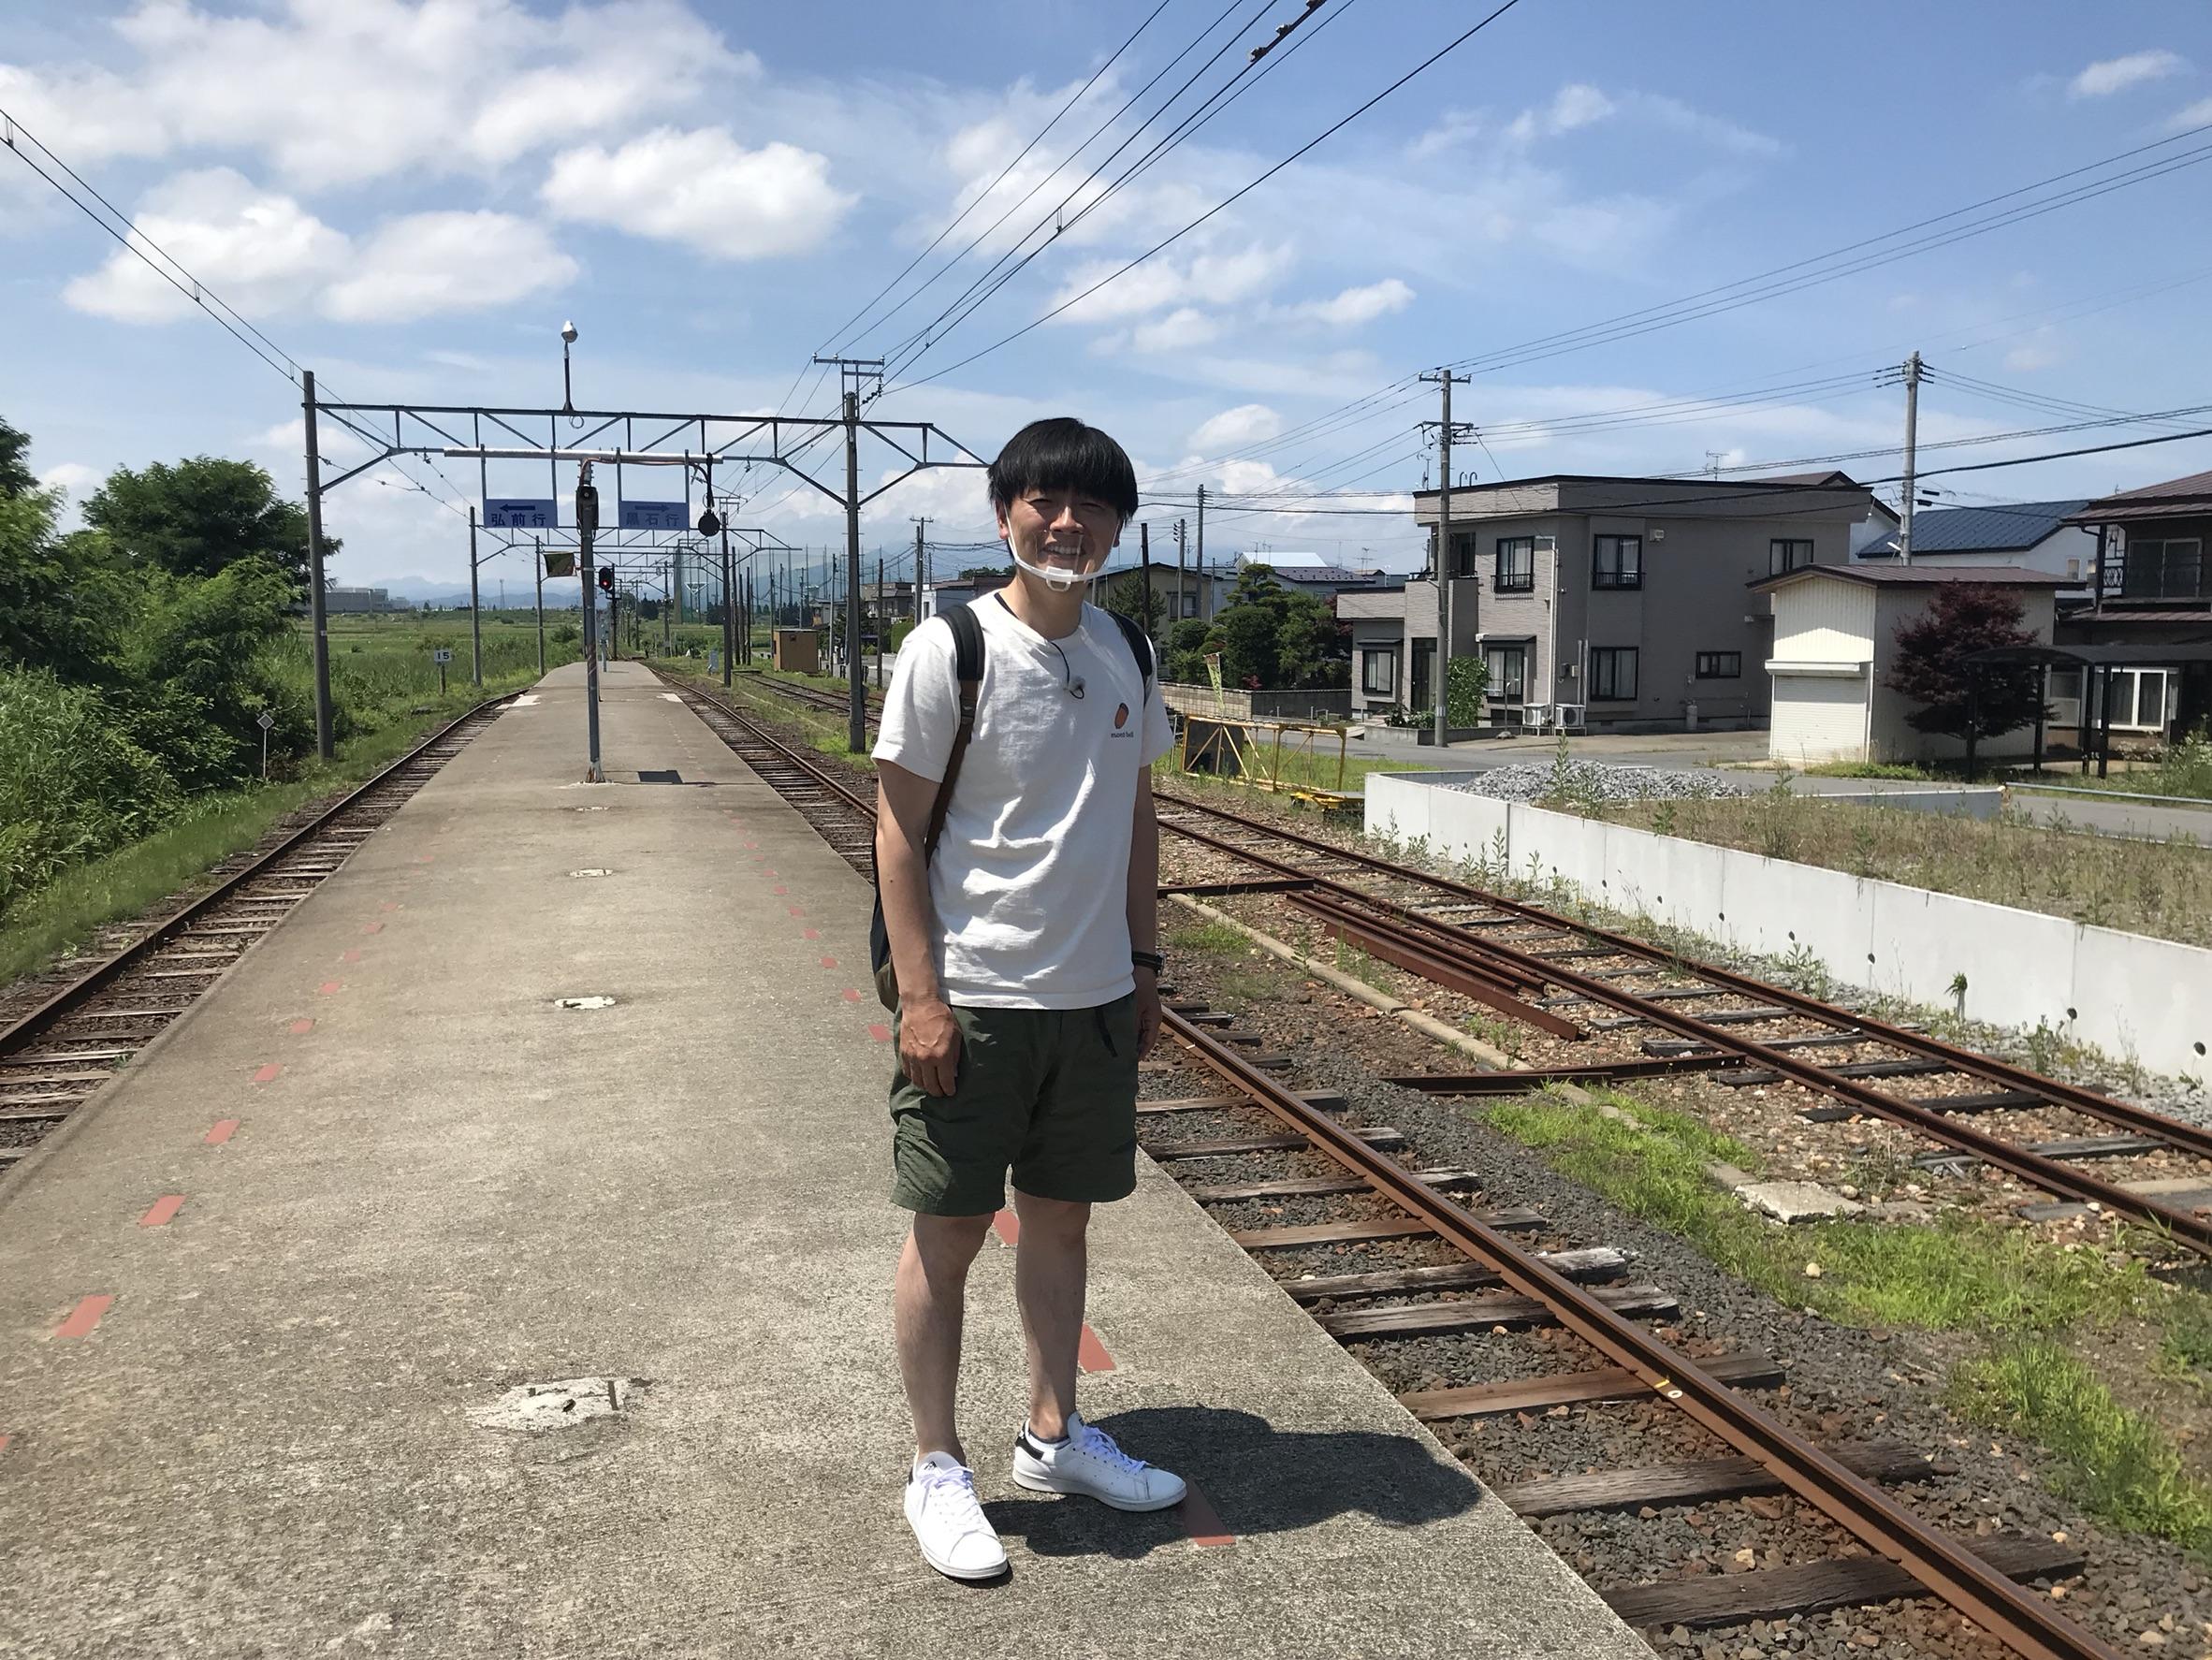 弘南鉄道で途中下車の旅